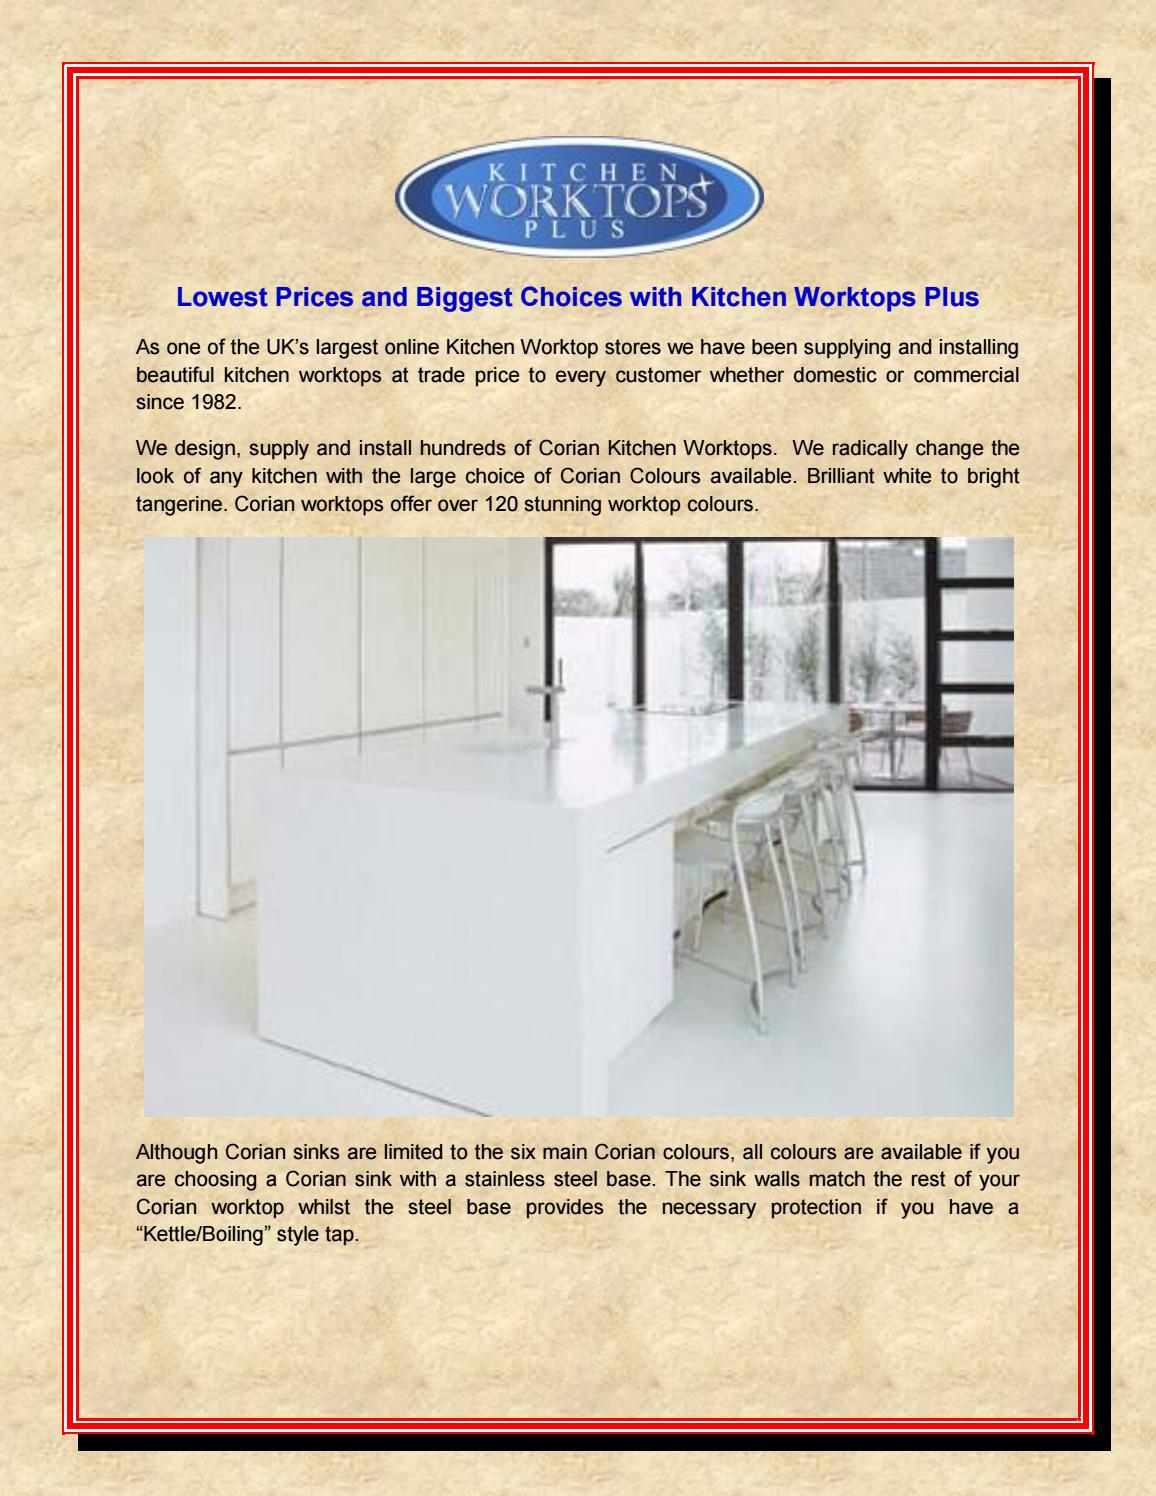 Price Of Corian Kitchen Worktops - Kitchen Appliances Tips